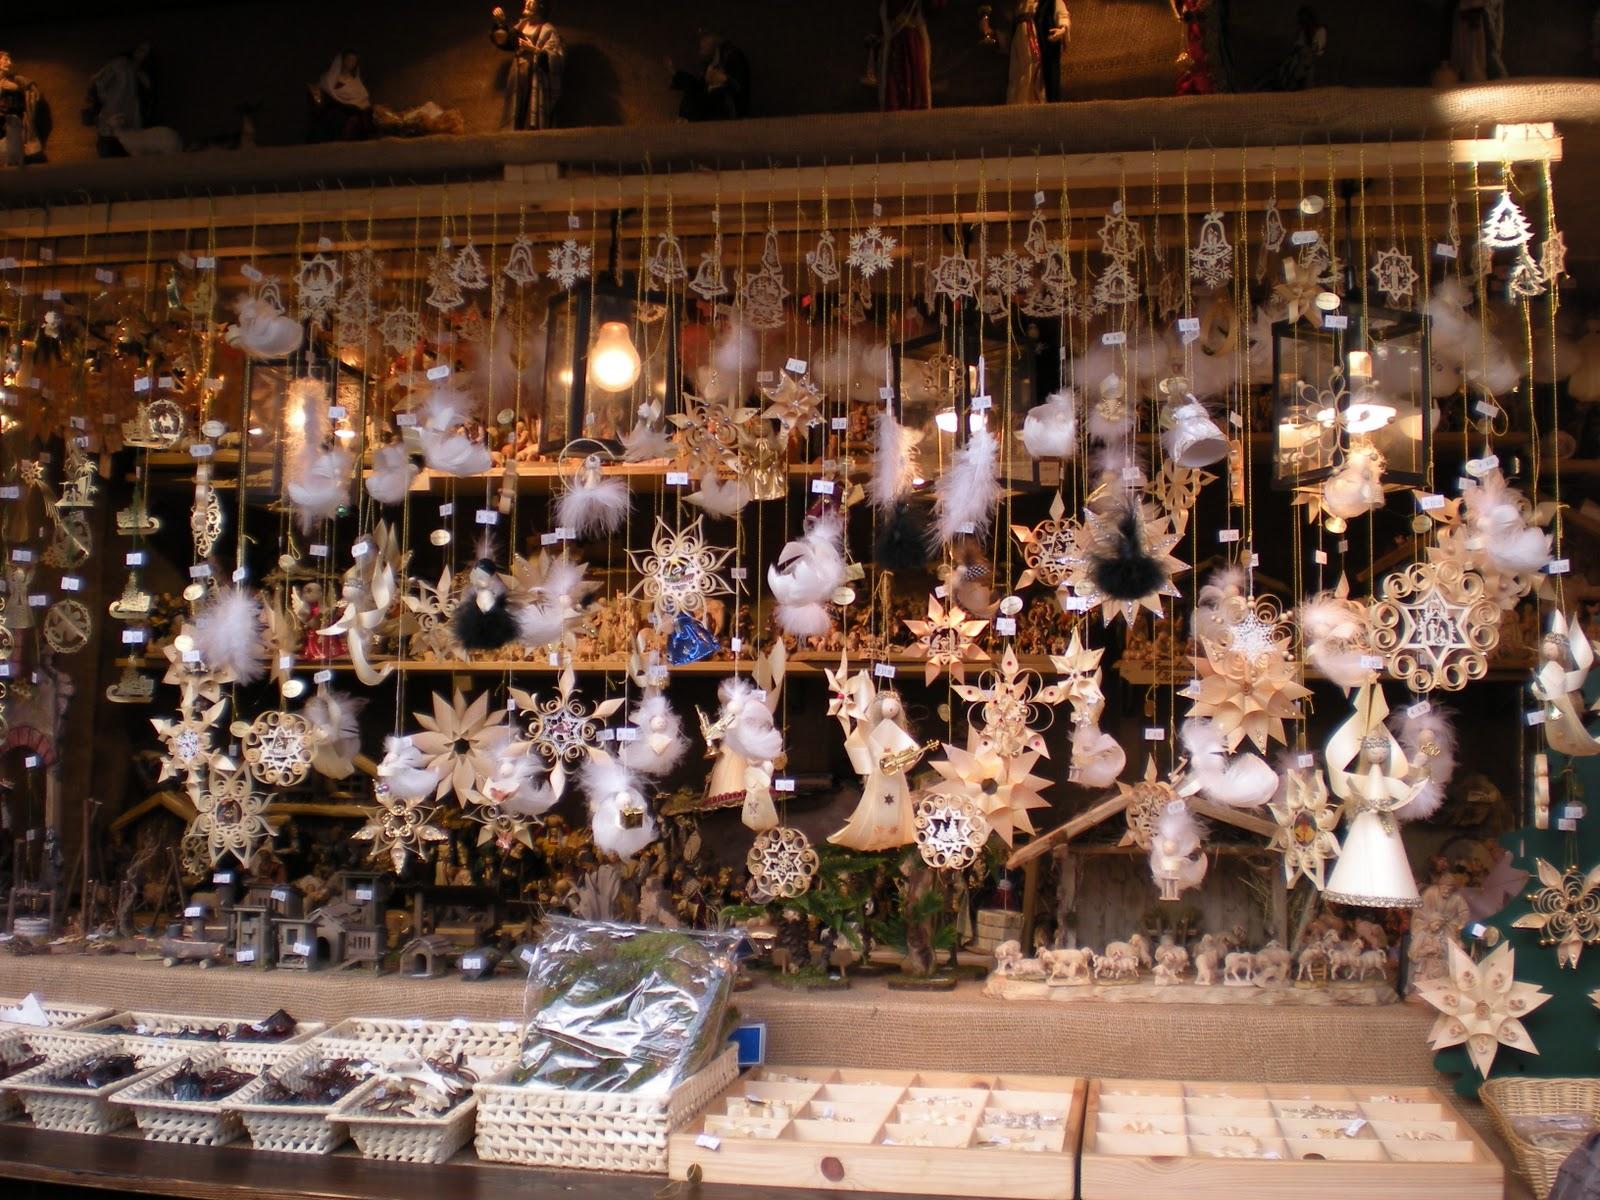 #9A5D31 Artémise Et Moi : Marché De Noël Et Shopping à Cologne 5353 decorations de noel bruxelles 1600x1200 px @ aertt.com